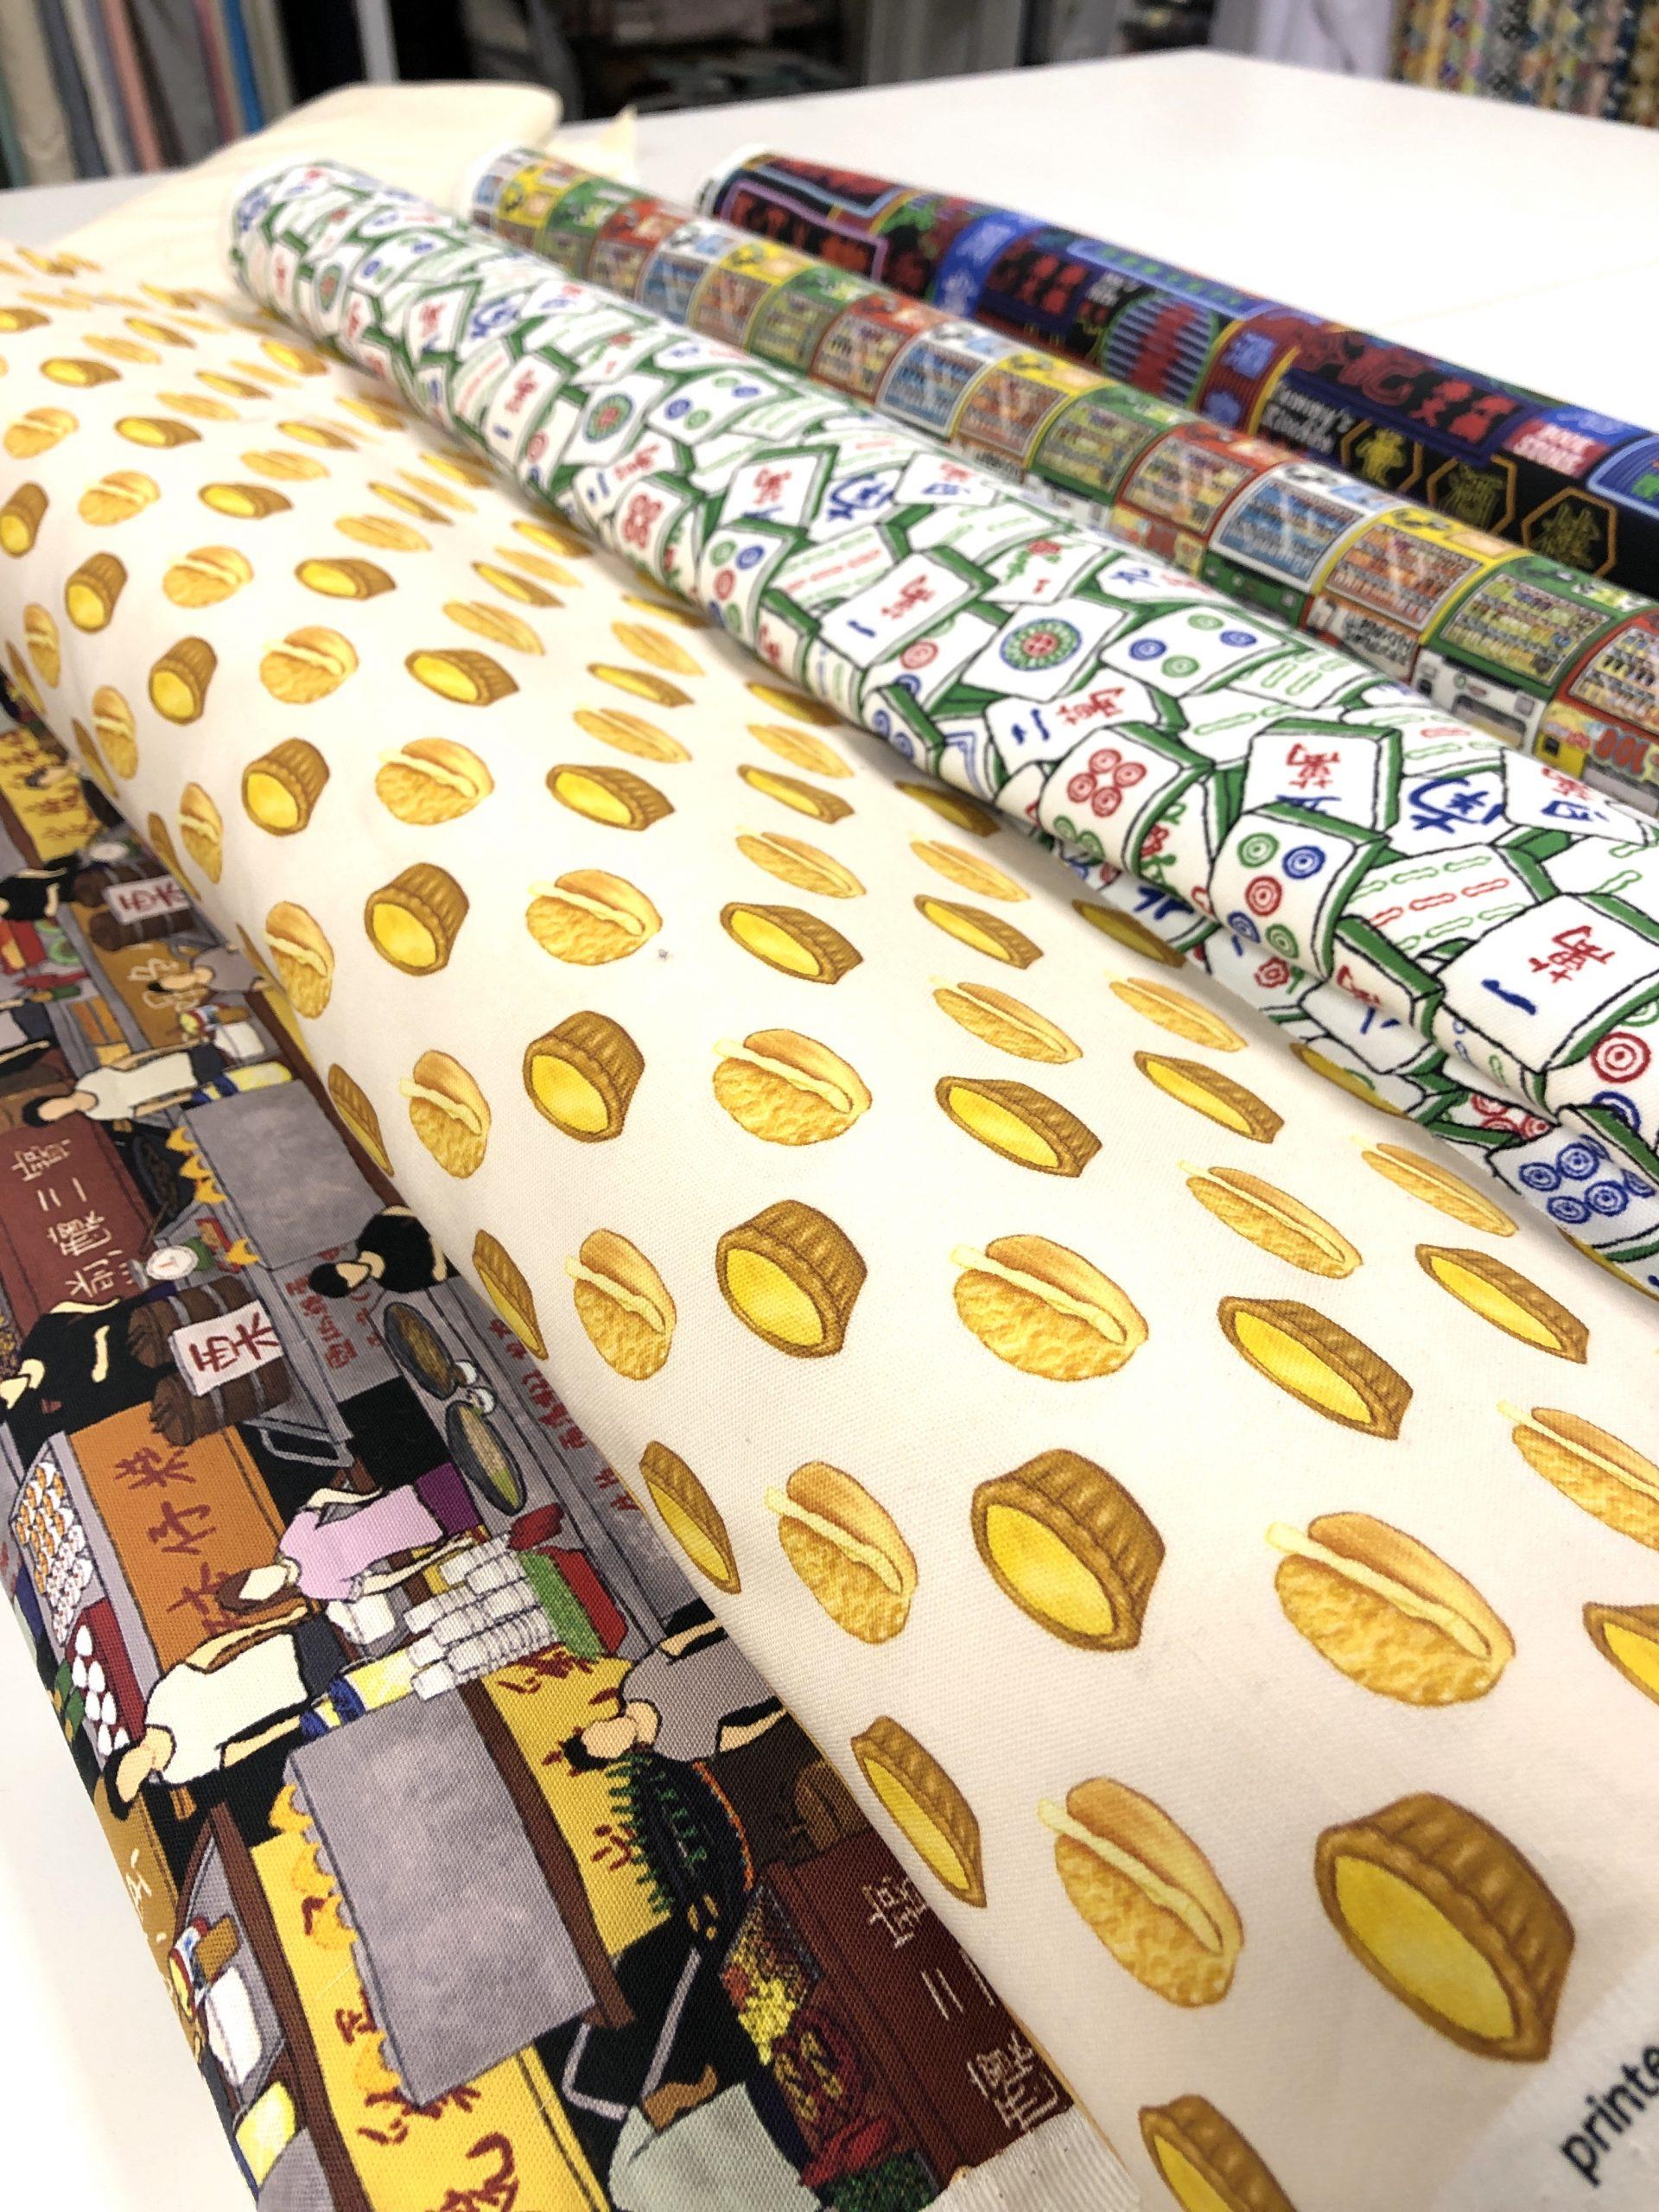 KT Fabrics 自家設計 布料 香港 菠蘿油 蛋撻 車仔檔 麻雀